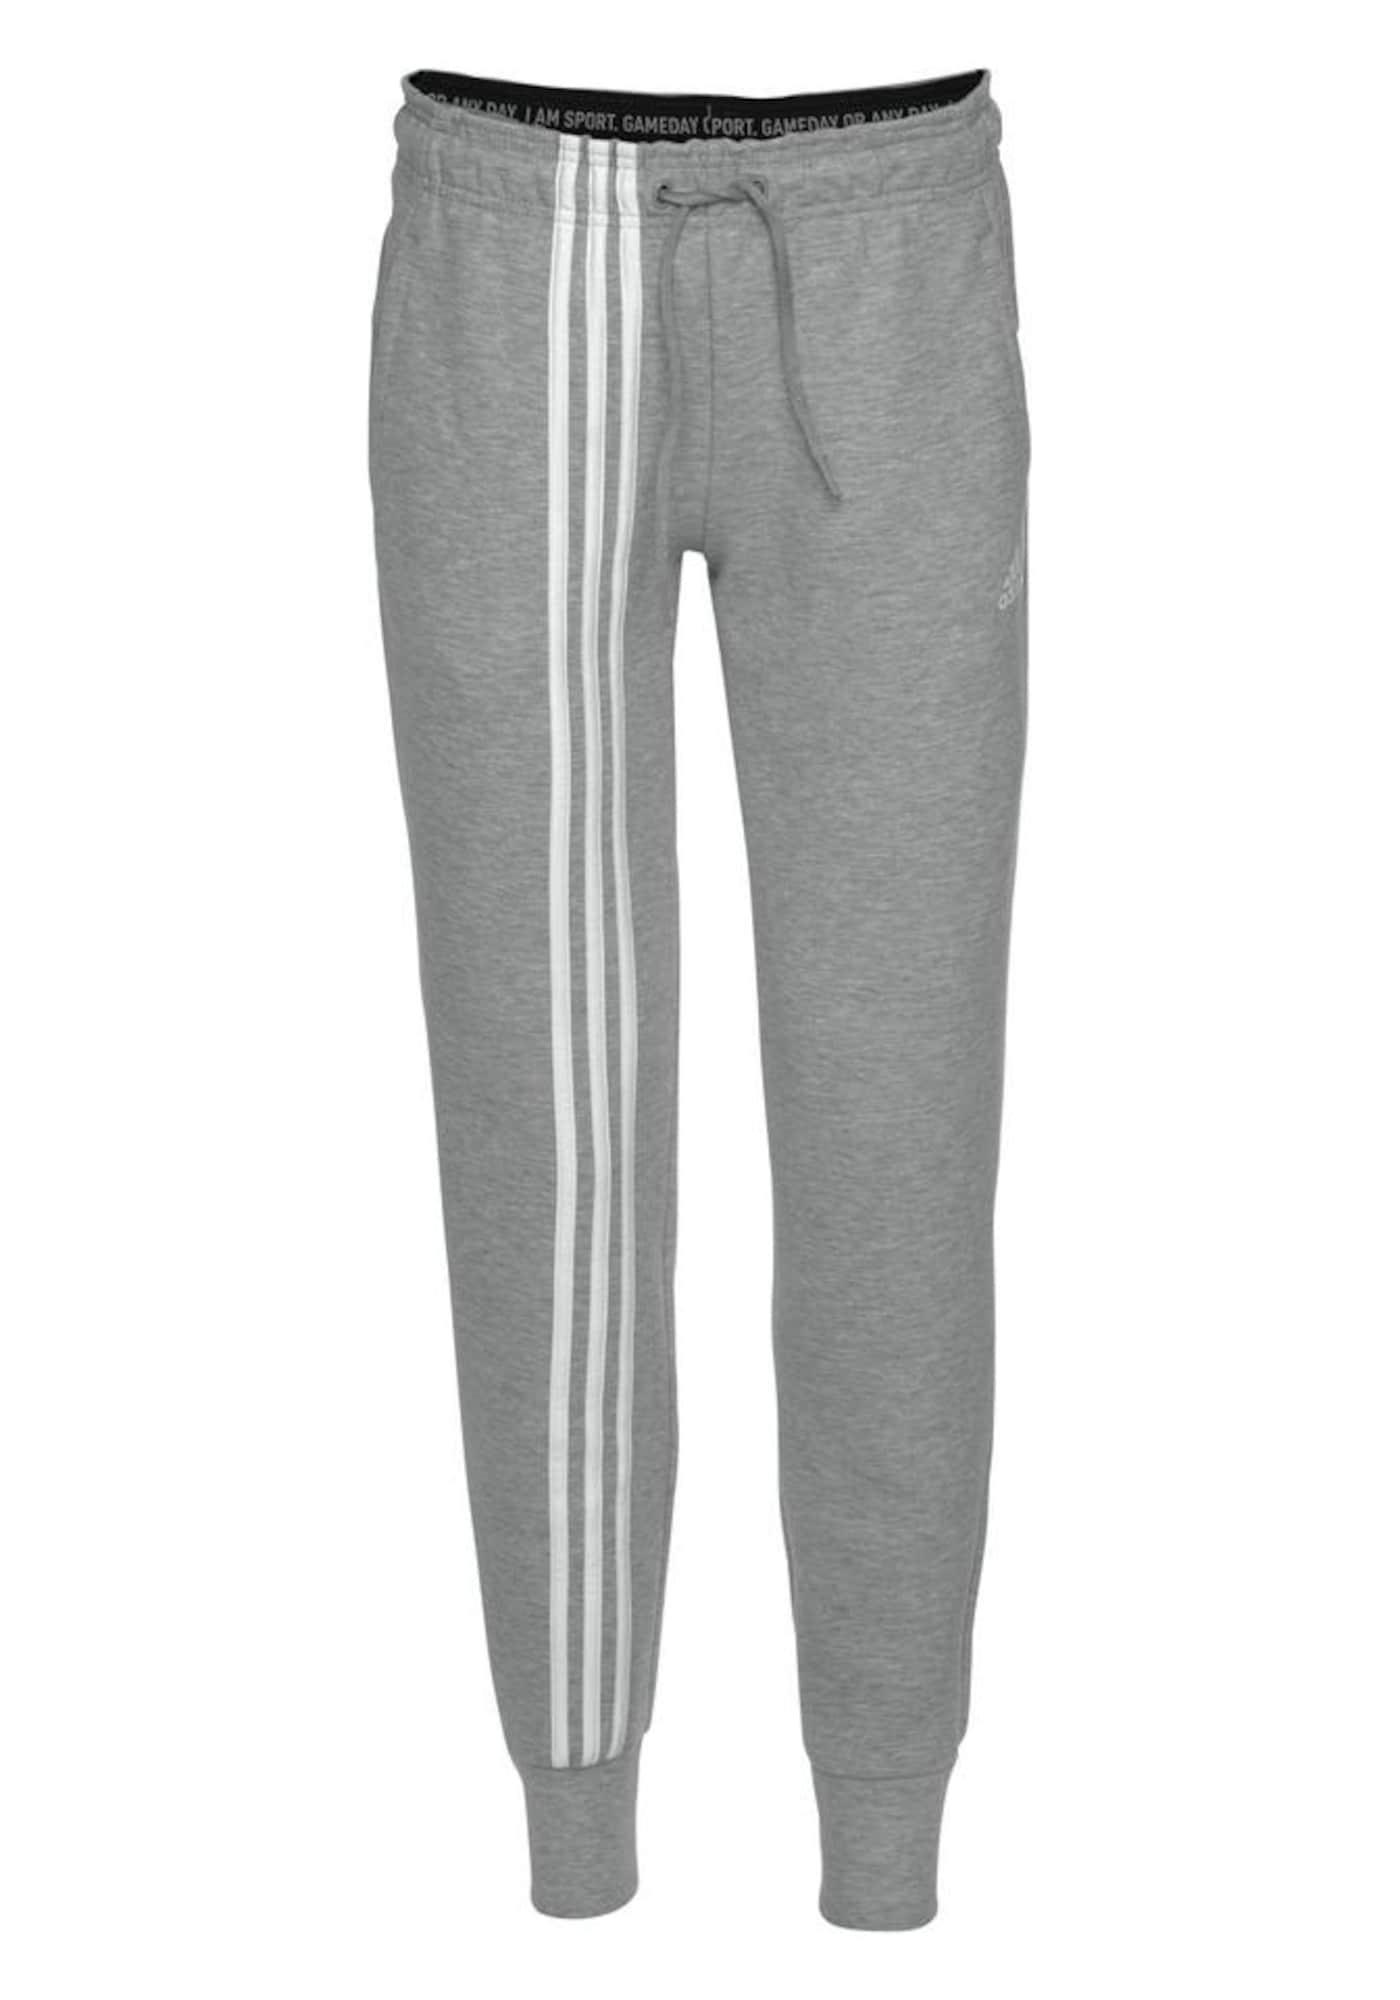 ADIDAS PERFORMANCE Sportinės kelnės 'Must Haves' margai pilka / balta